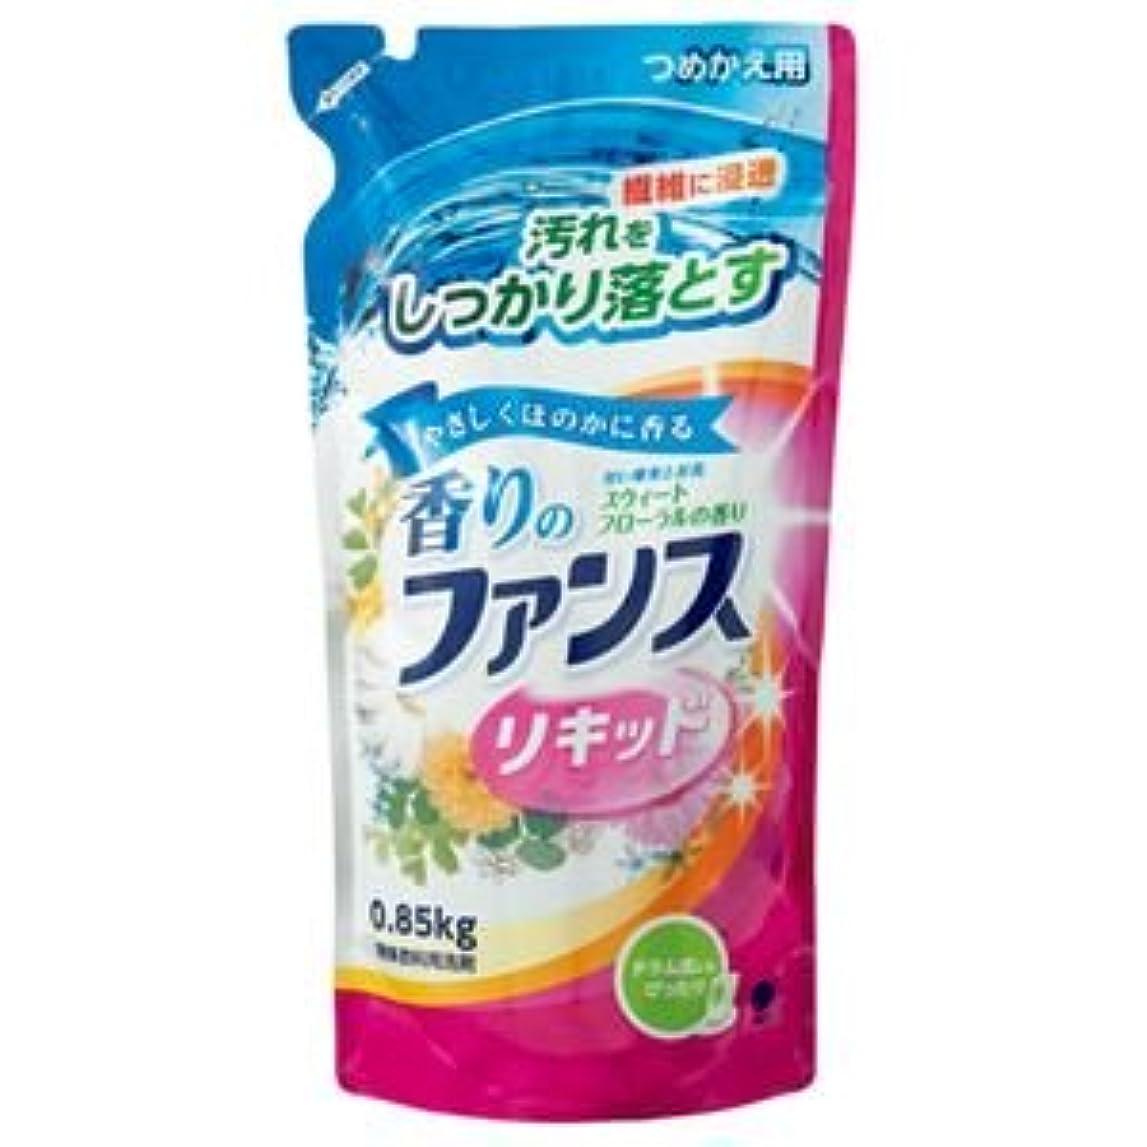 探す苦重なる(まとめ) 第一石鹸 香りのファンス 液体衣料用洗剤リキッド 詰替用 0.85kg 1個 【×15セット】